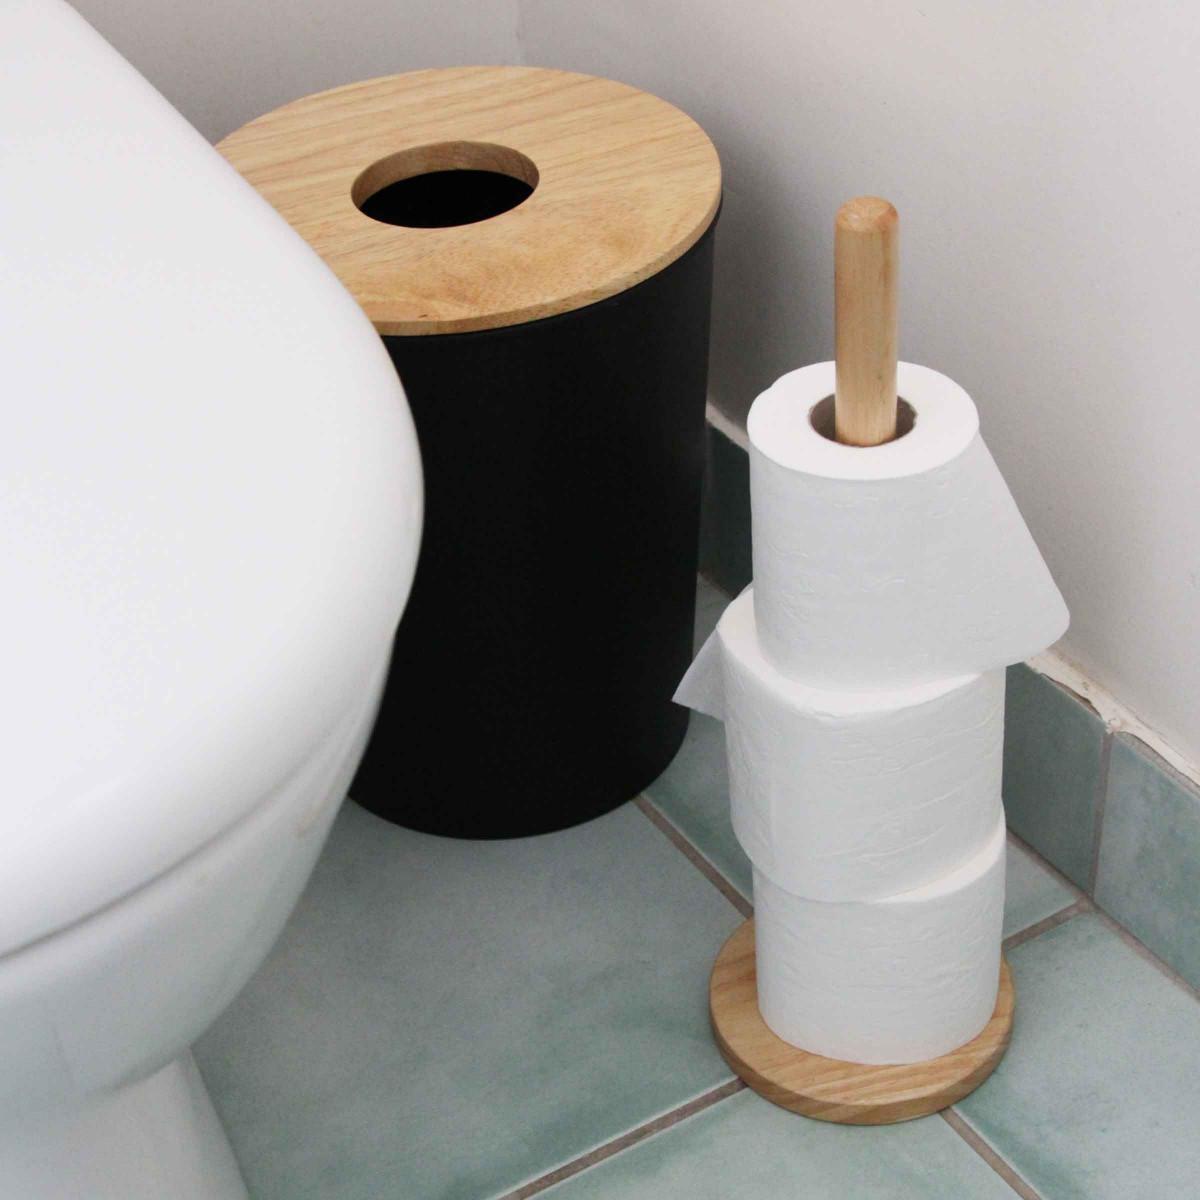 poubelle de salle de bain noire 7 litres. Black Bedroom Furniture Sets. Home Design Ideas